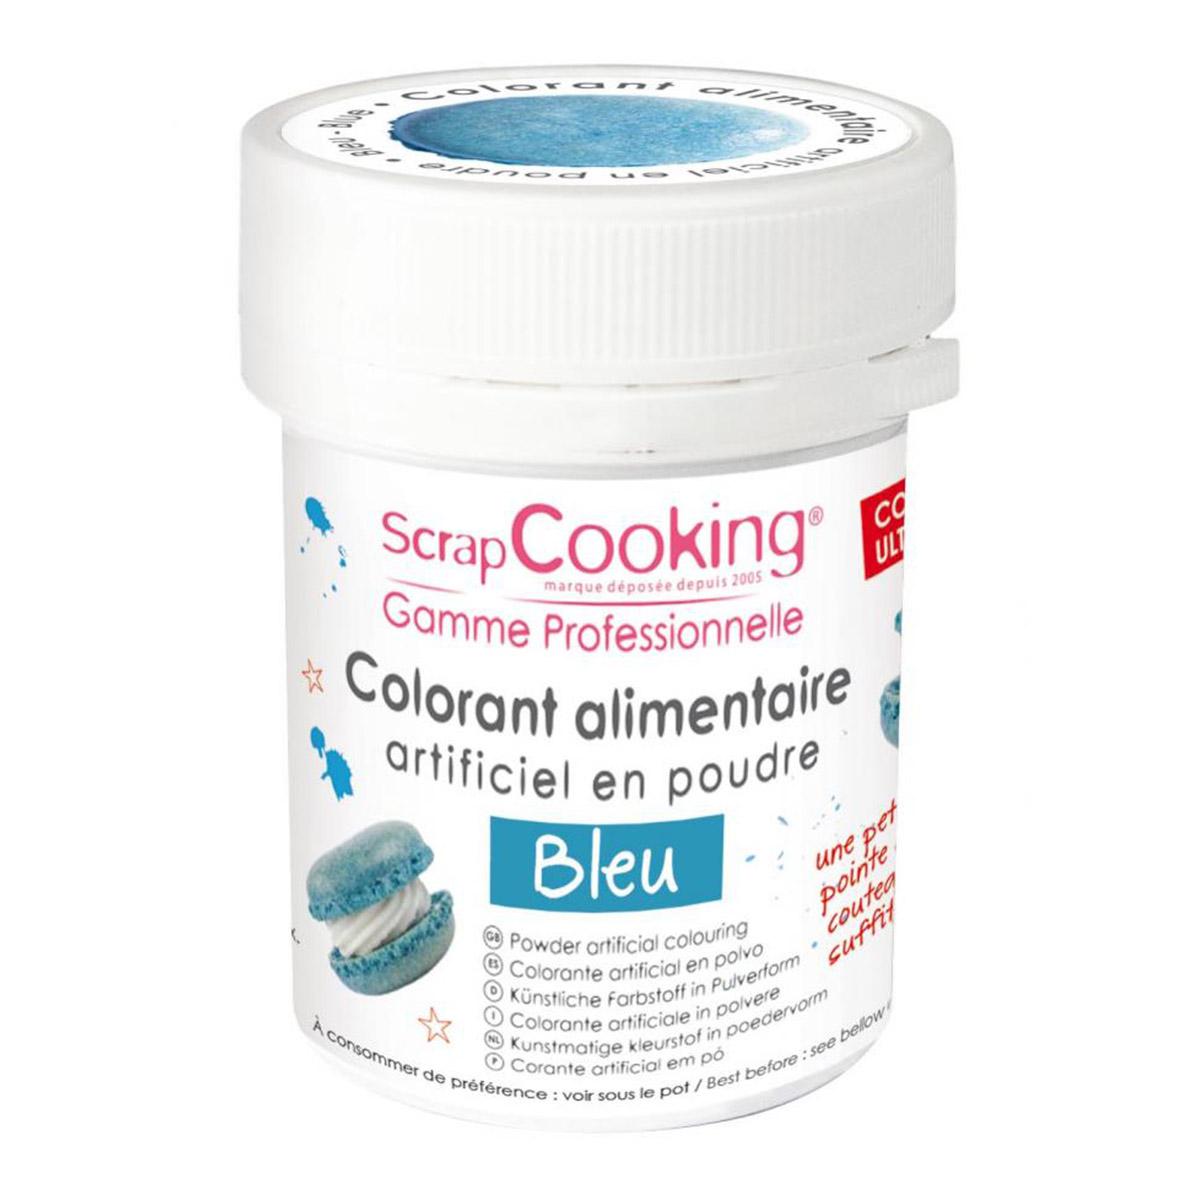 Image du produit Colorant artificiel en poudre - bleu - 5g - Scrapcooking